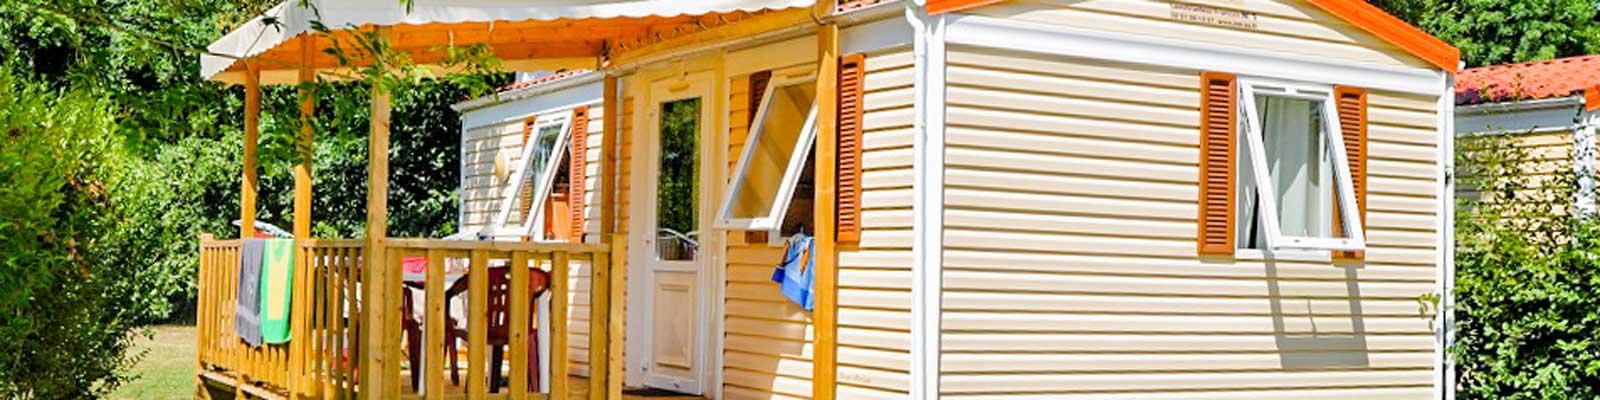 mobil-home 2 chambres location dordogne